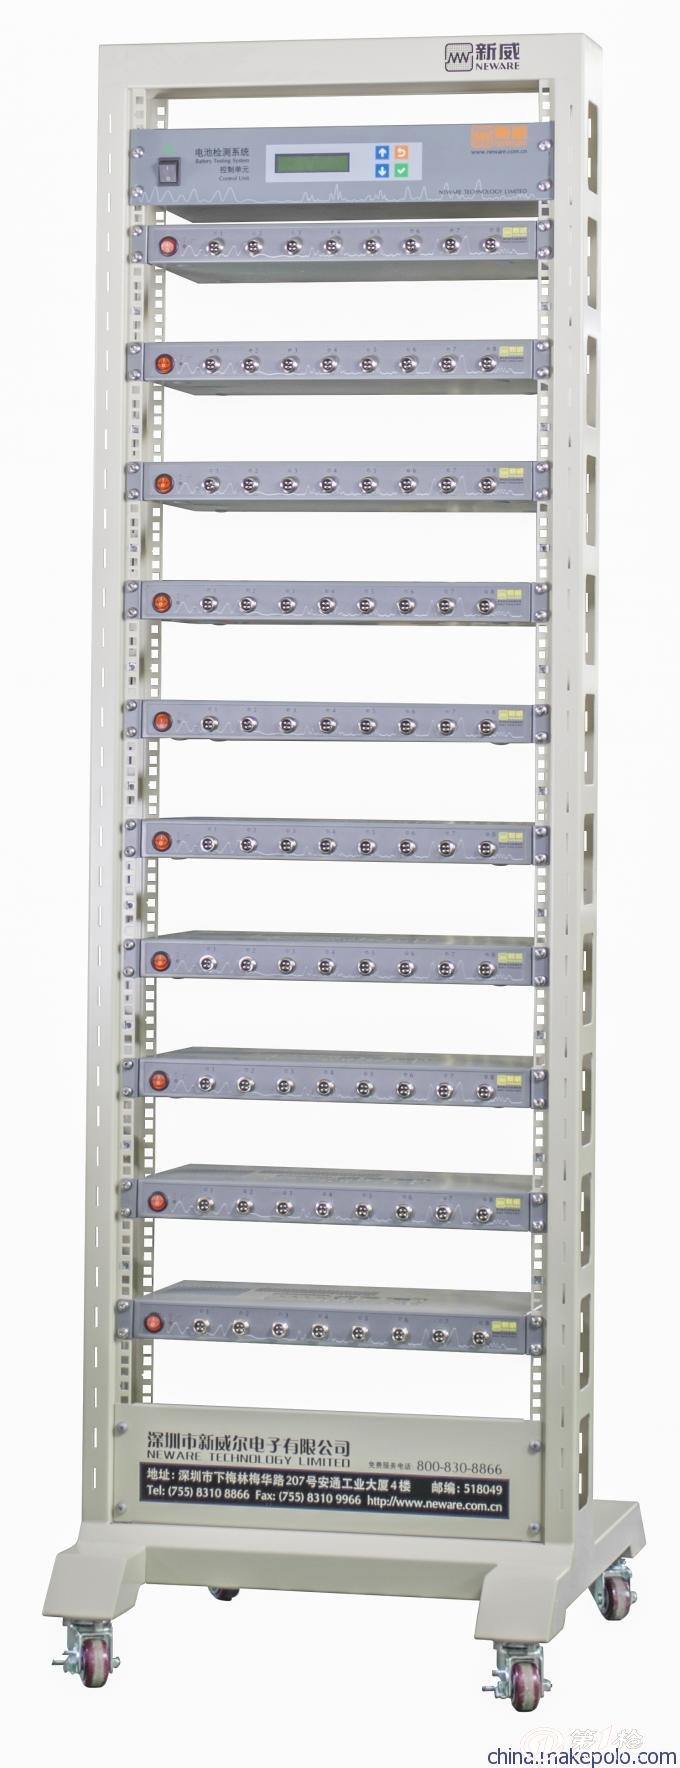 热销新威电池循环寿命检测老化柜 锂电池充放电测试仪